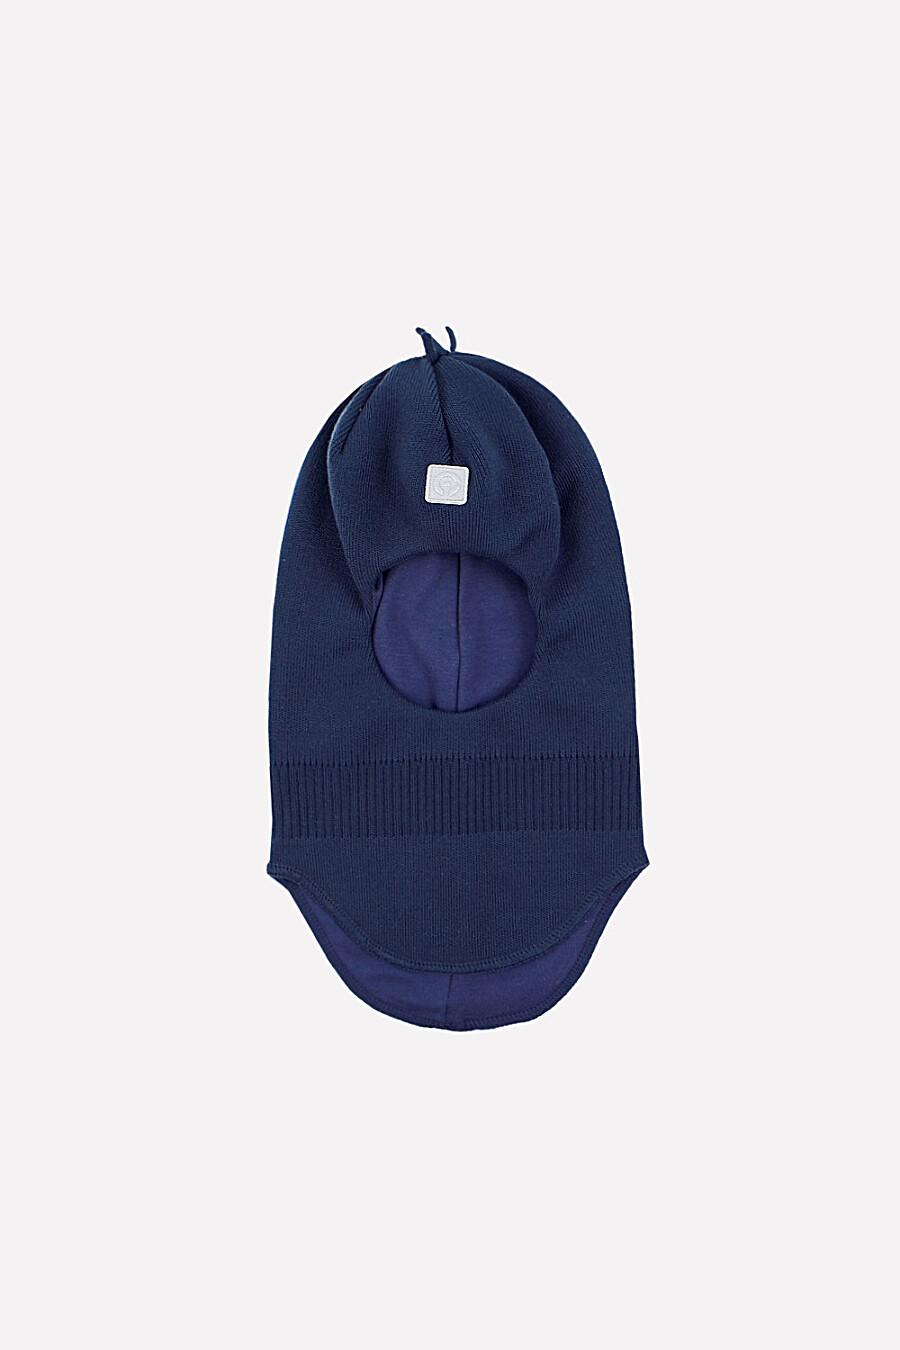 Шапка-шлем для мальчиков CROCKID 175807 купить оптом от производителя. Совместная покупка детской одежды в OptMoyo